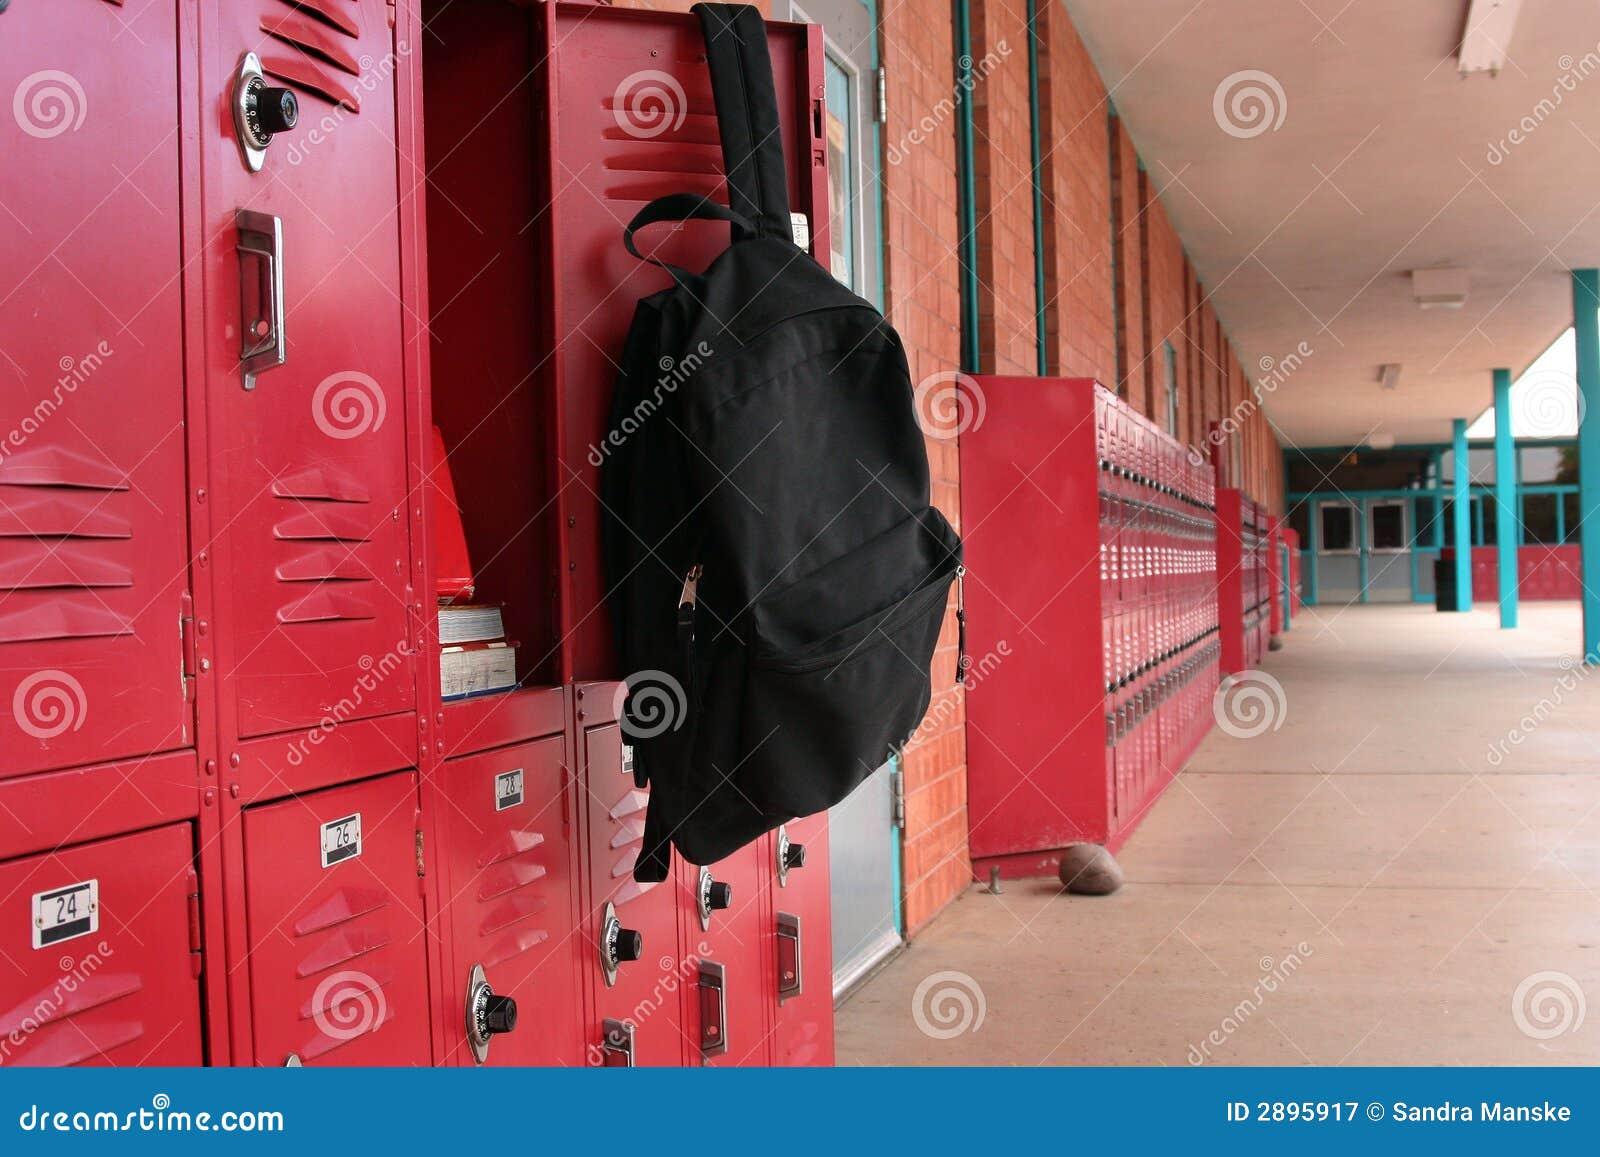 Backpack on locker stock image. Image of girl, locker ...